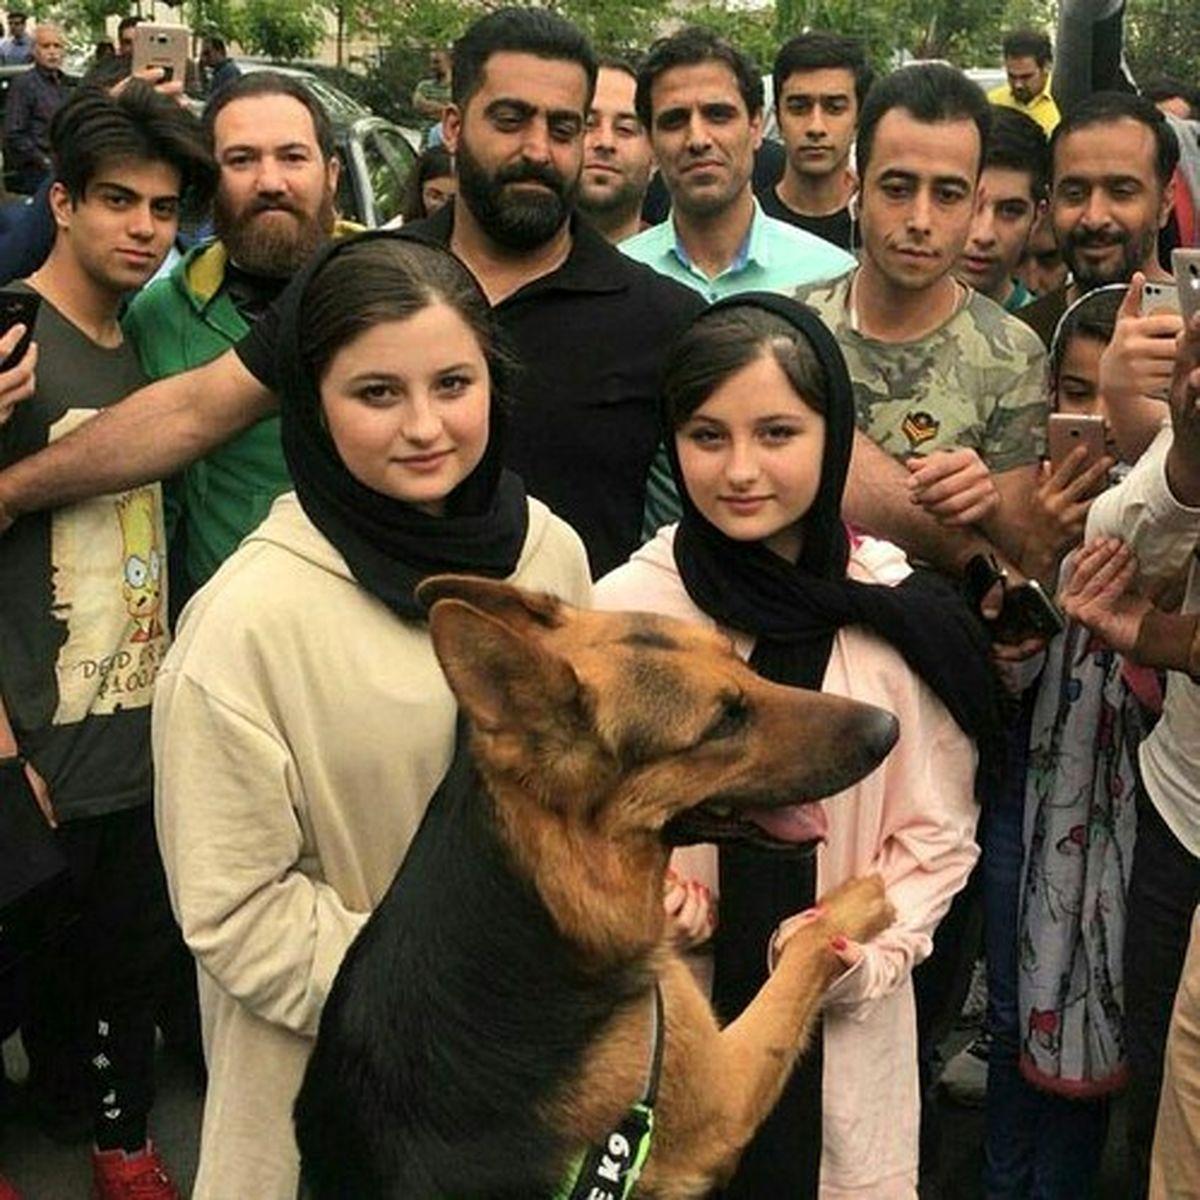 سارا و نیکا با سگی غول پیکر در میان طرفداران مرد ! +عکس